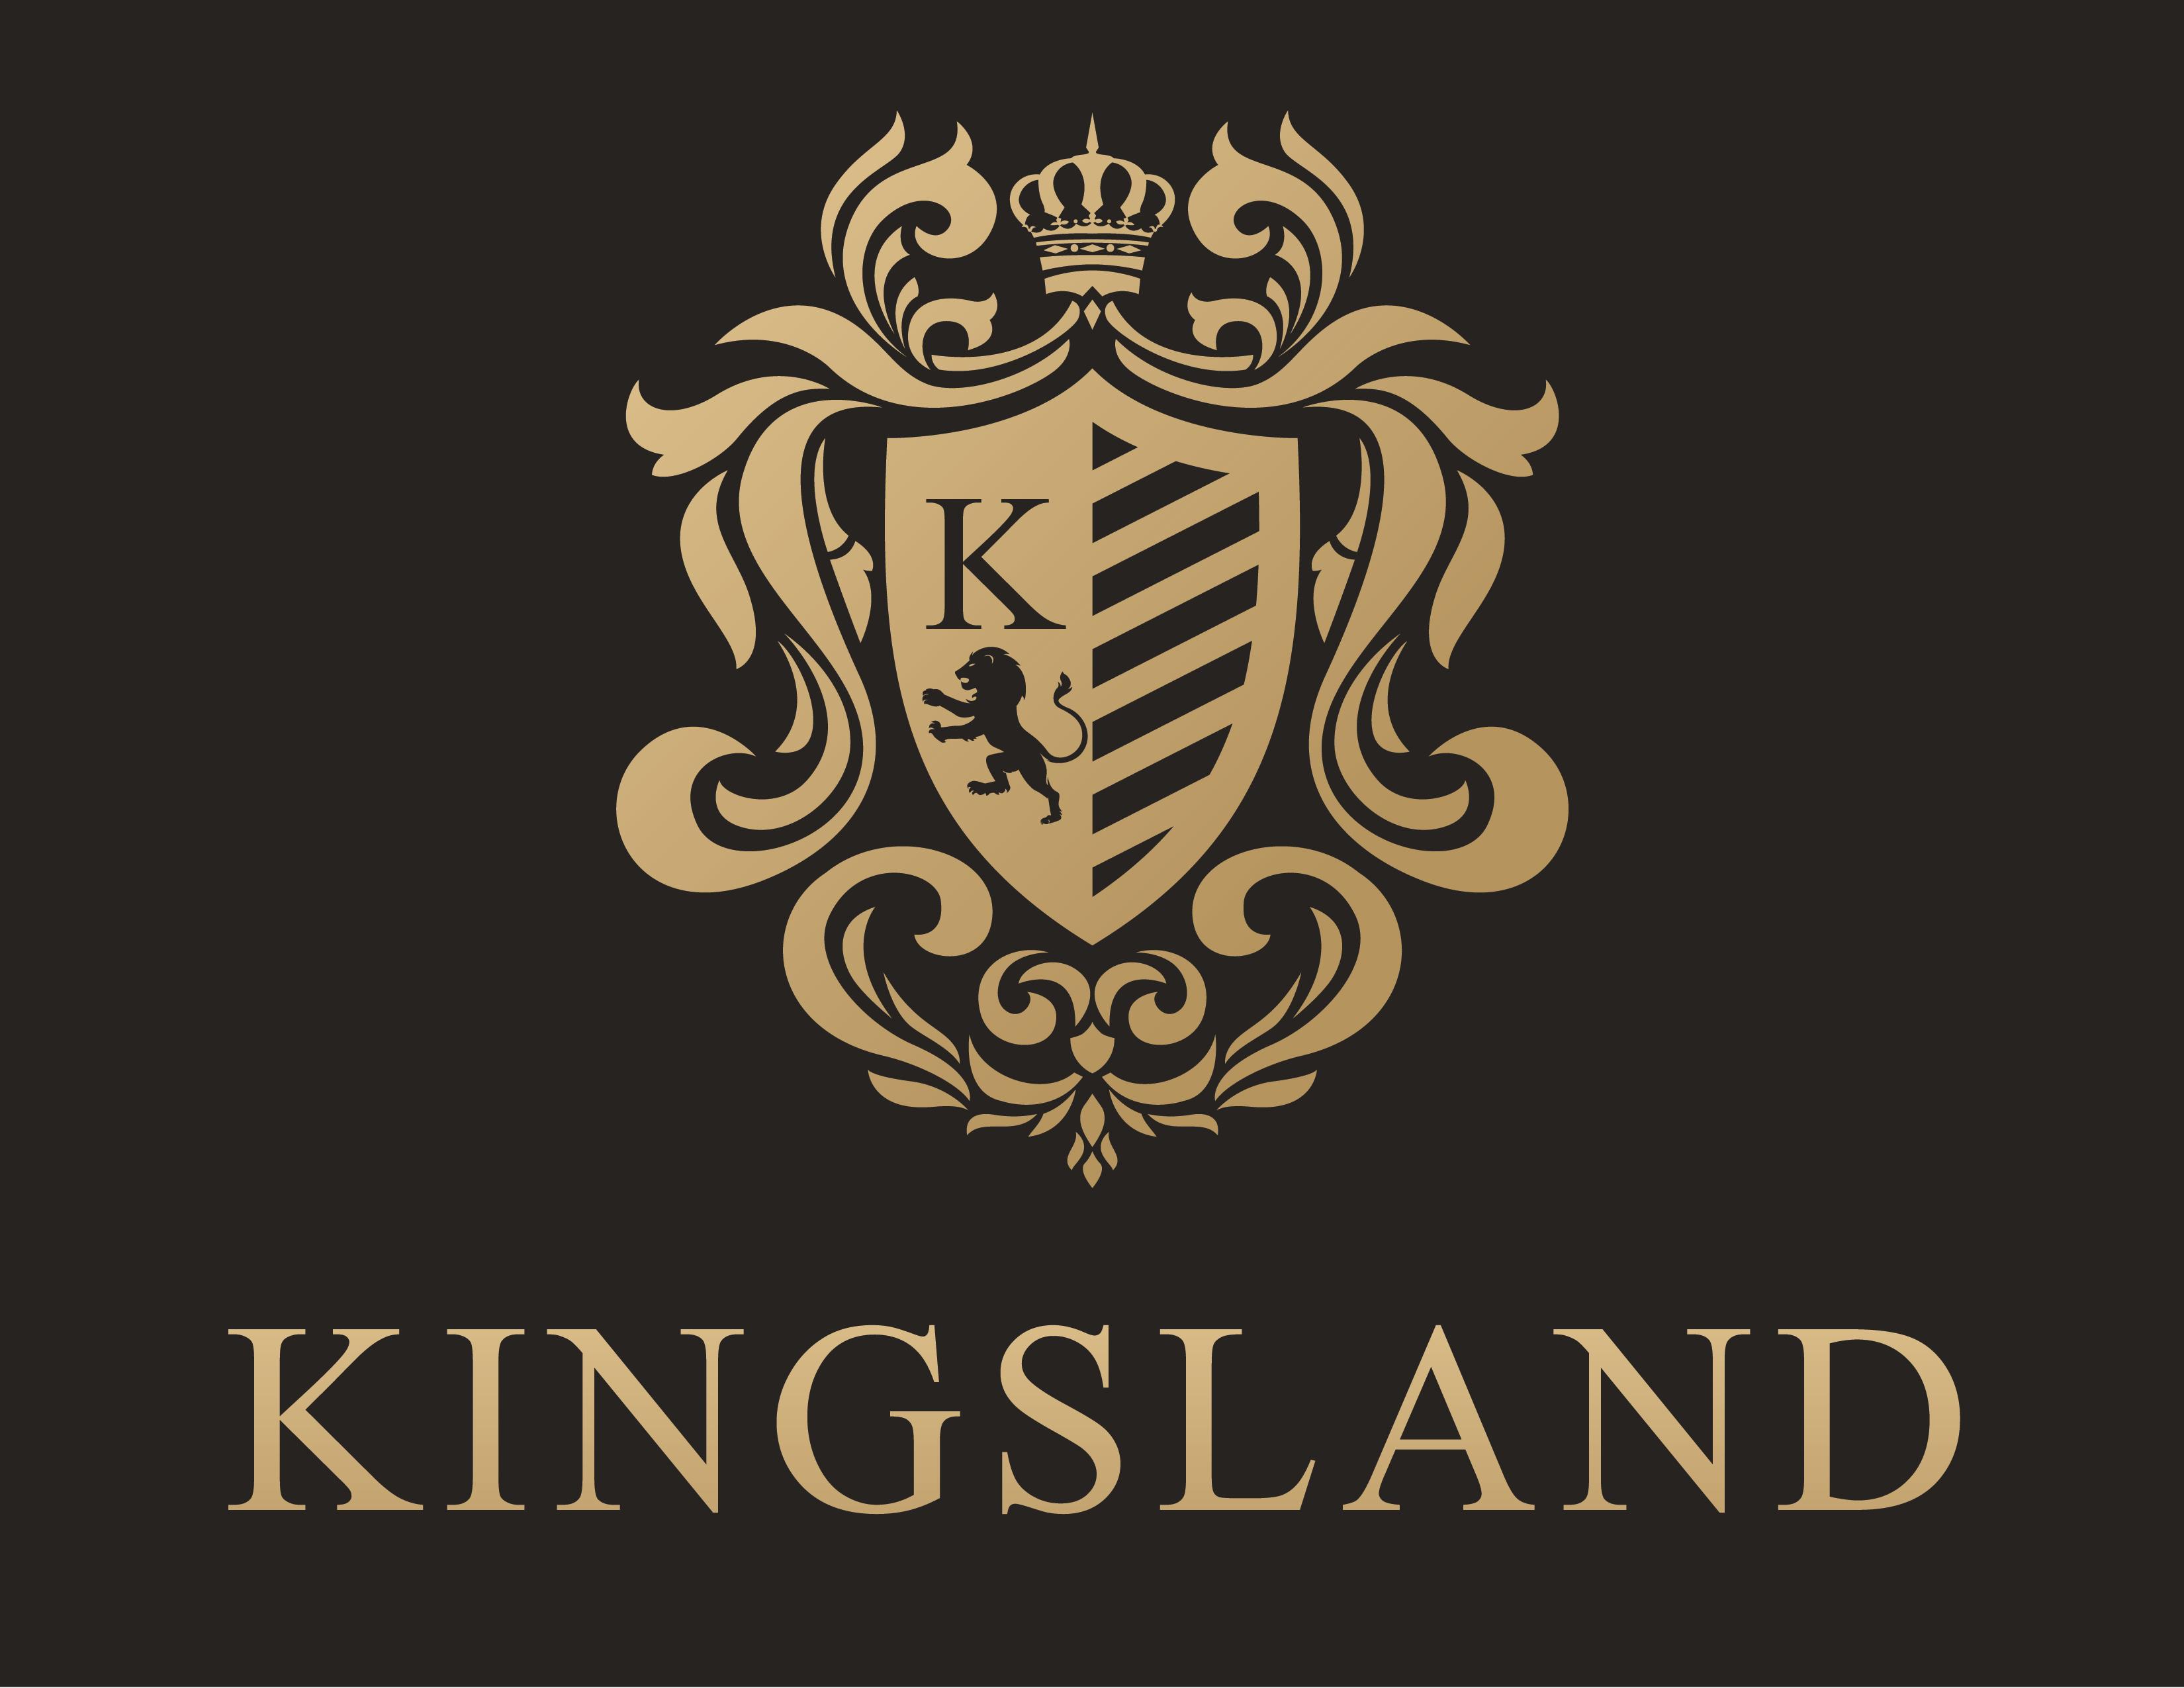 KINGSLAND-01